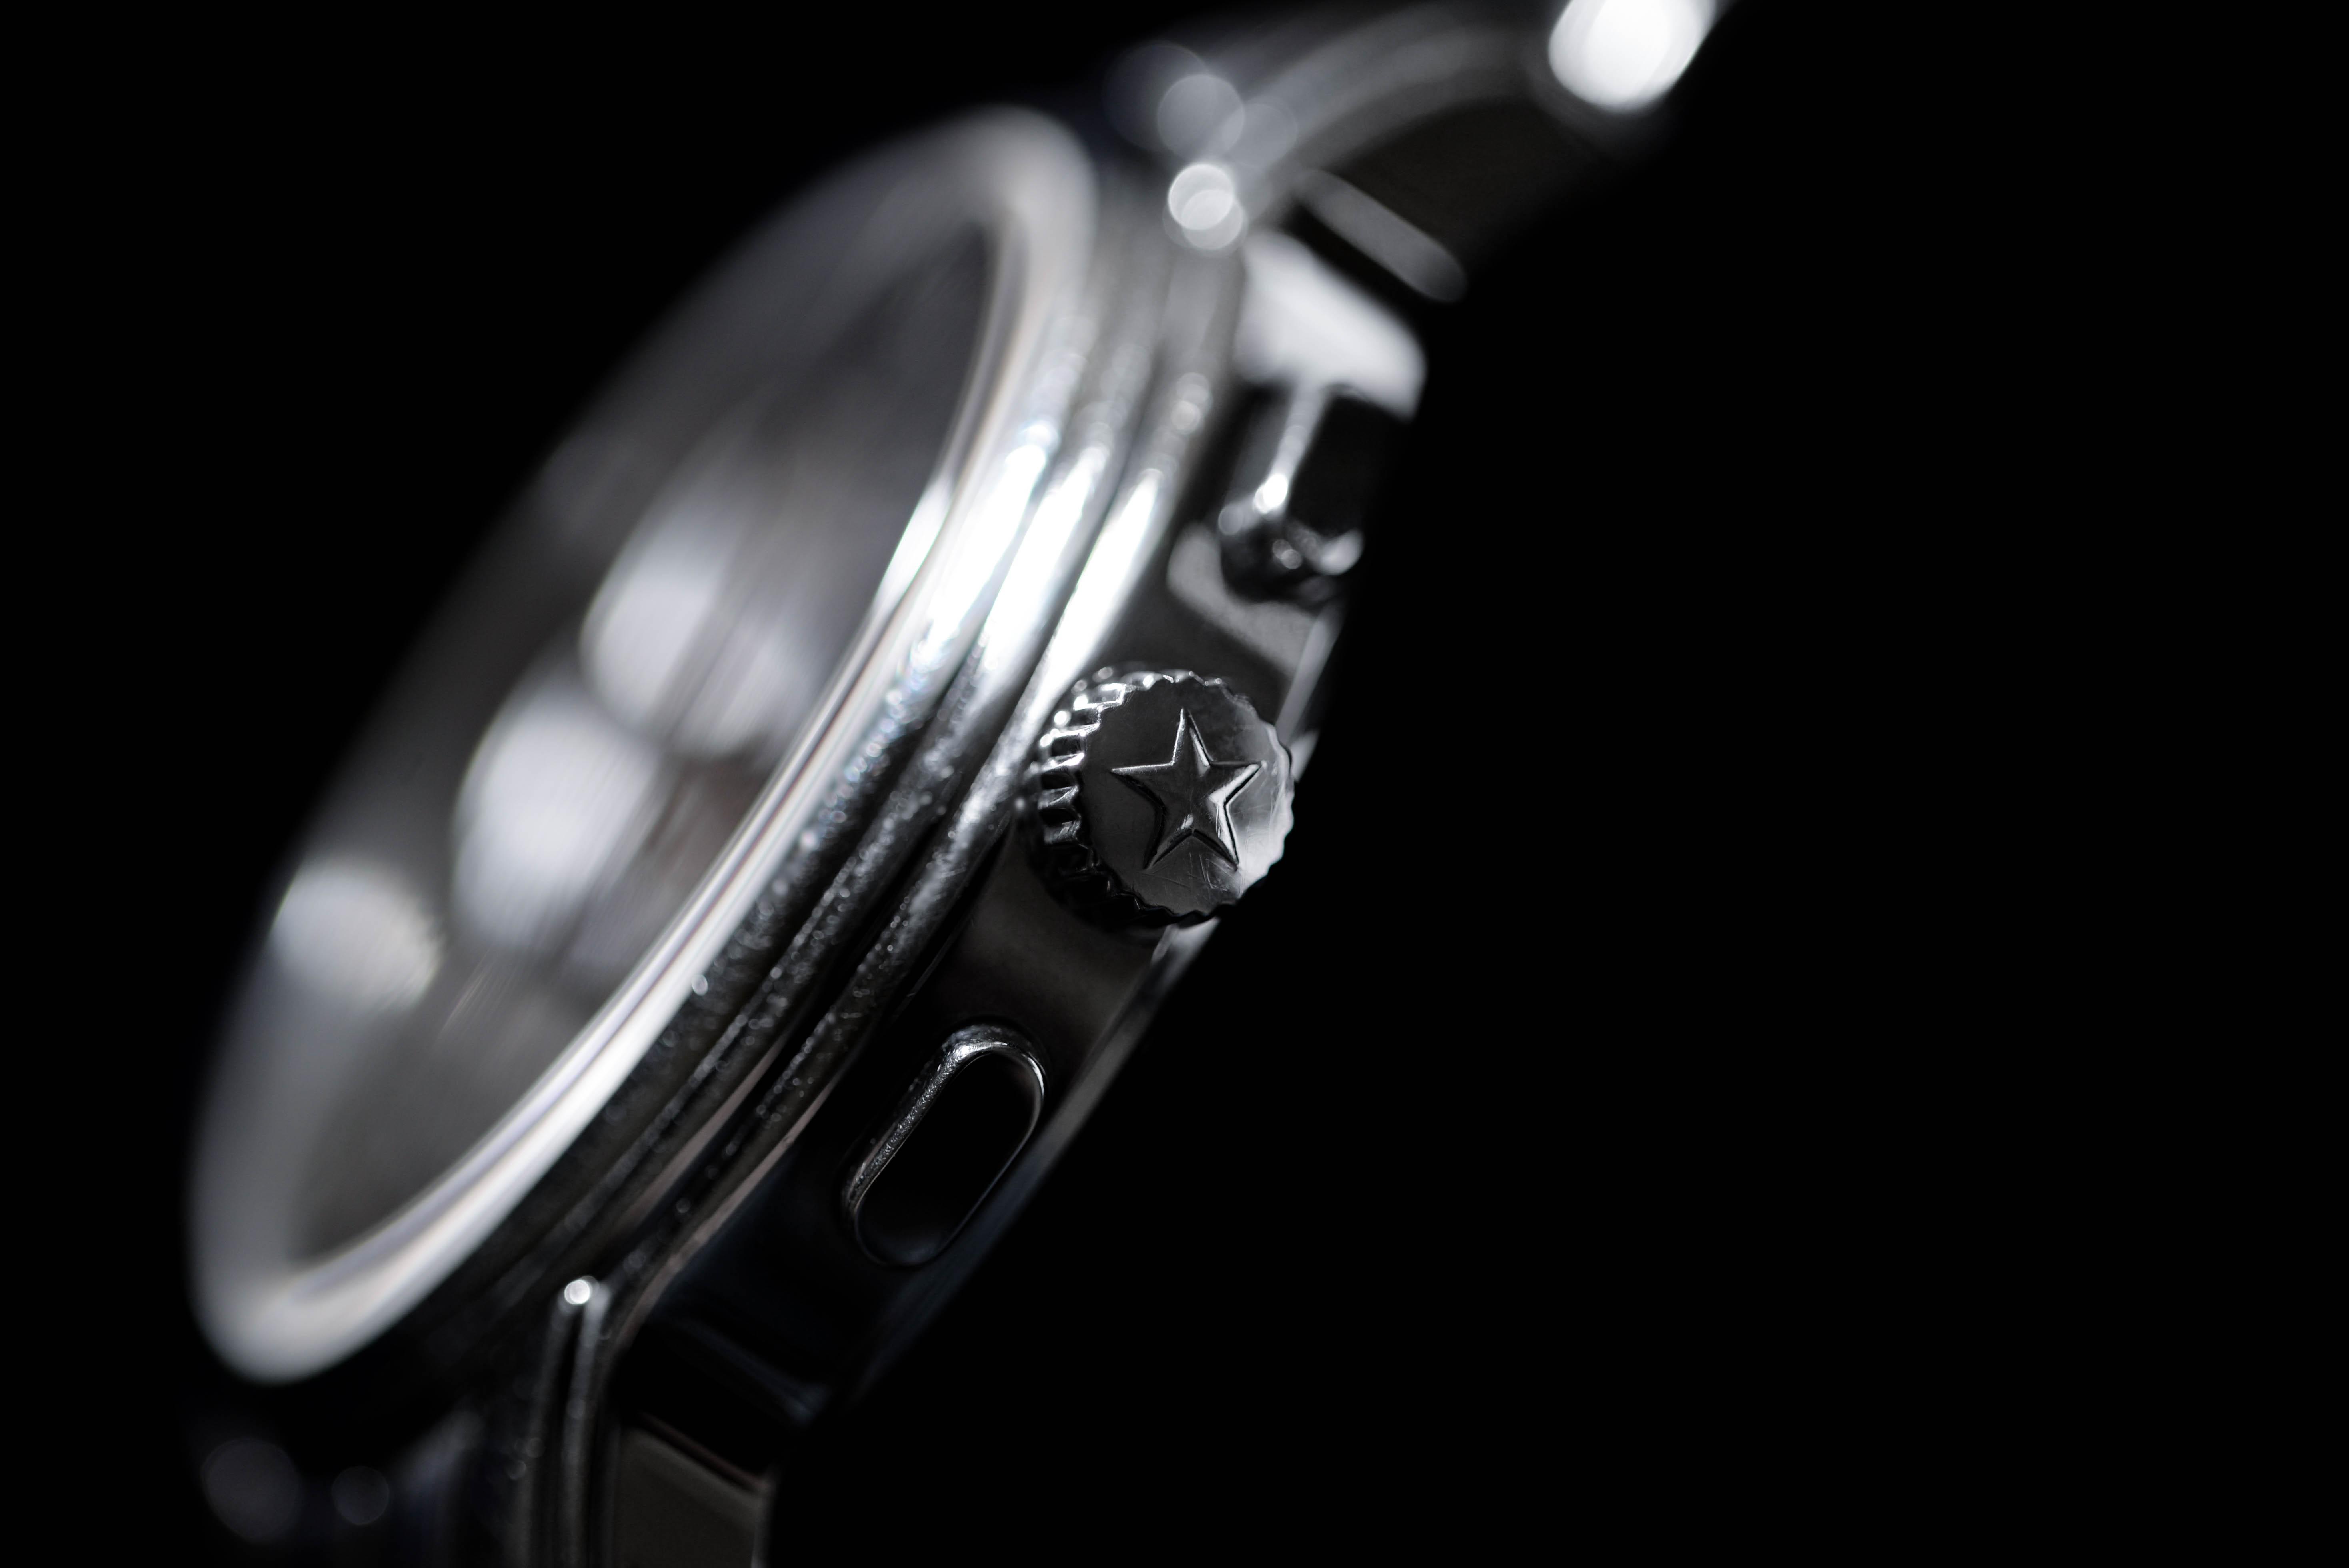 この腕時計は、オーバーホール済